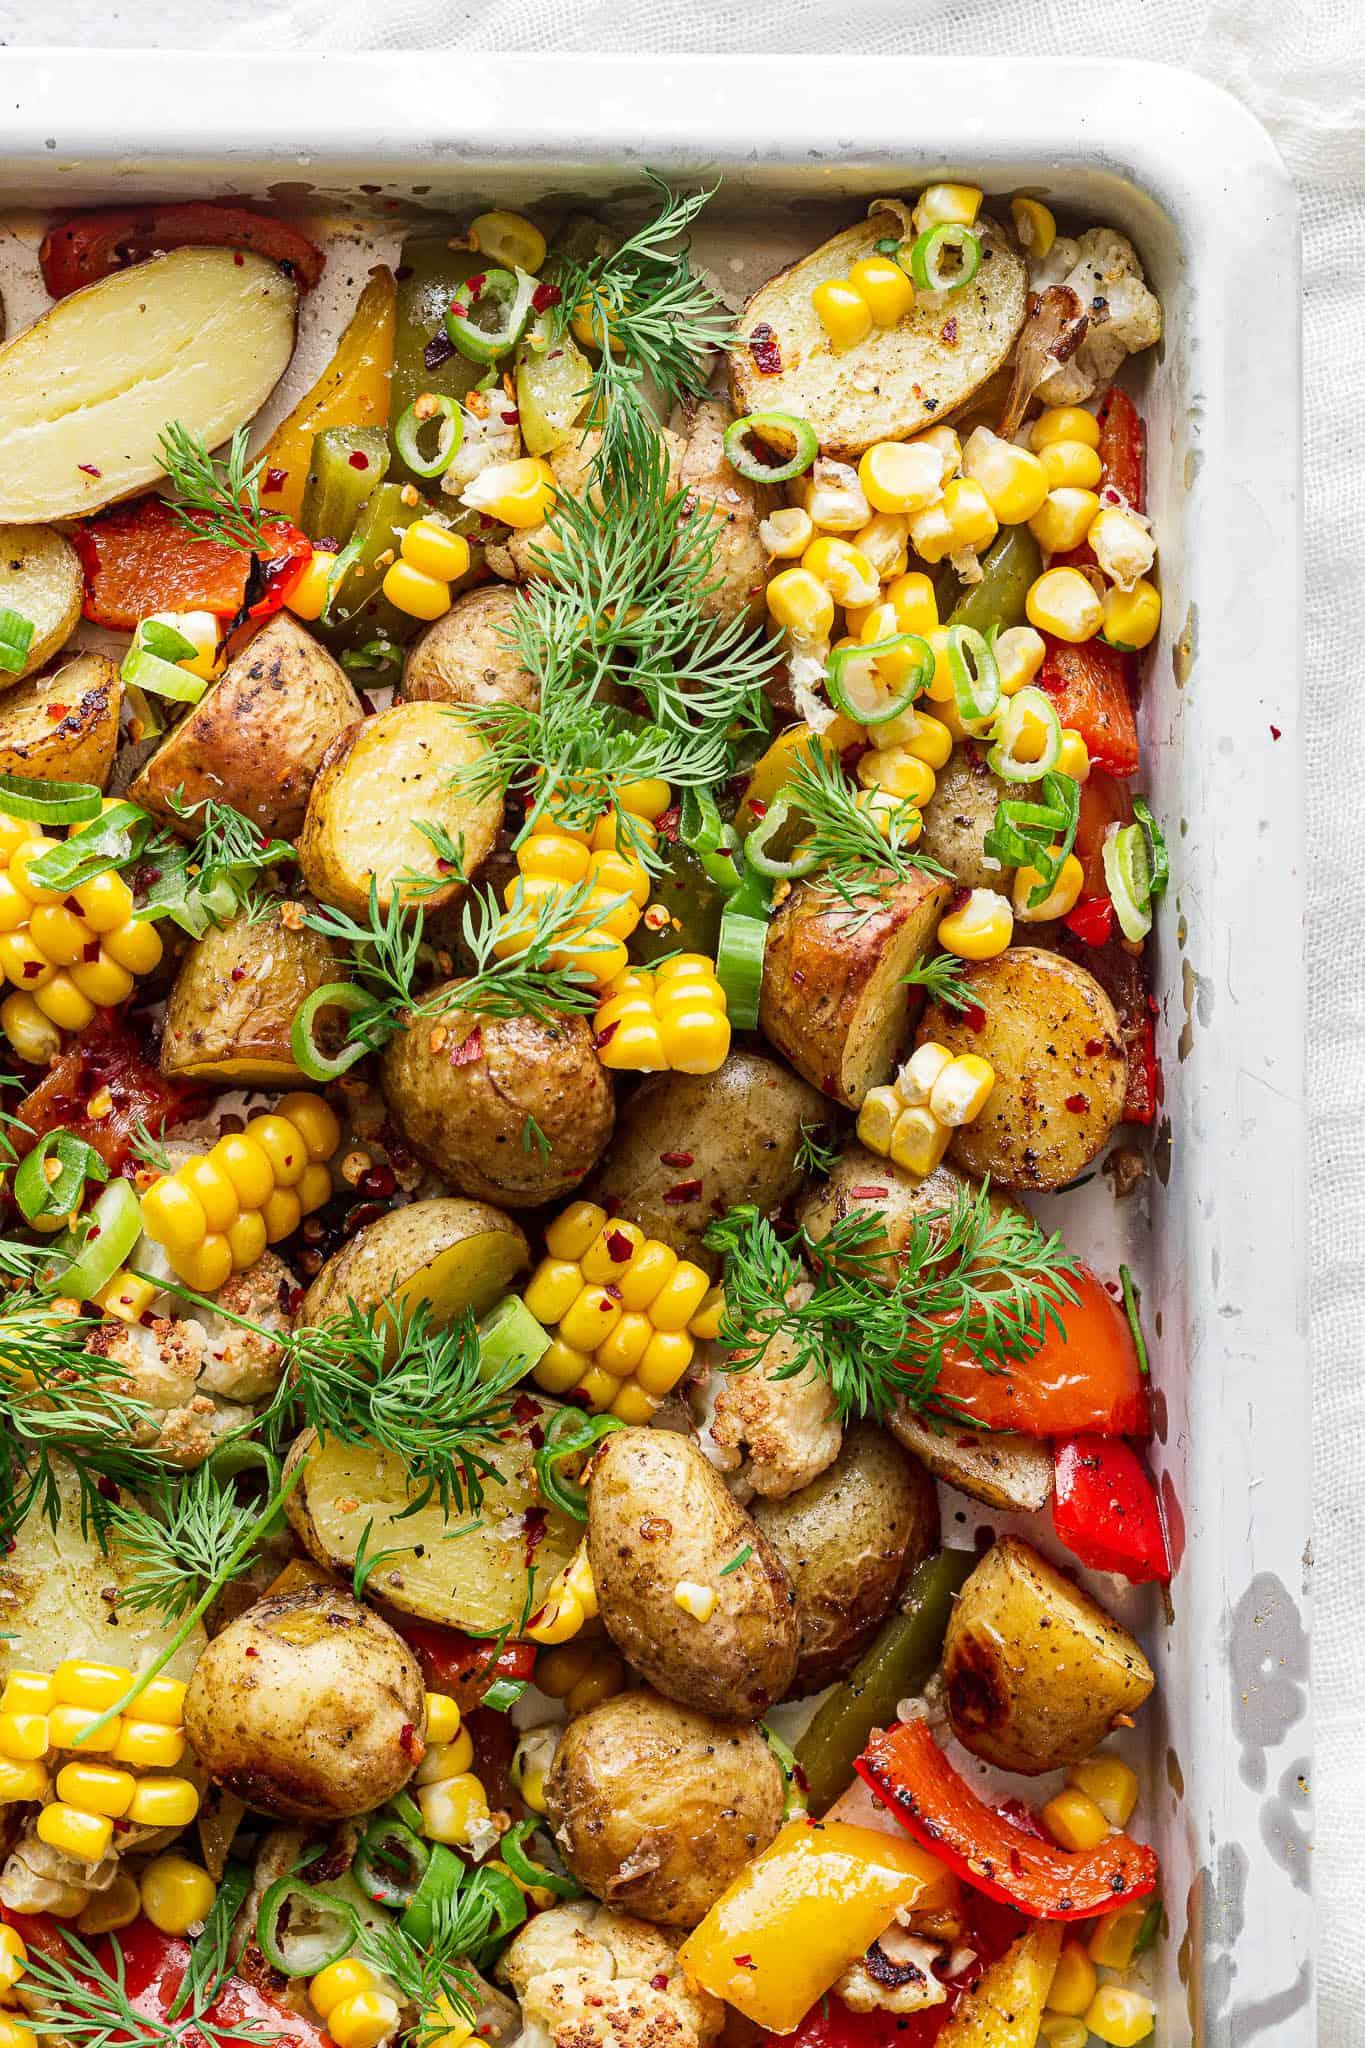 Ovnbagte kartofler, grøntsager og majs - opskrift på tilbehør